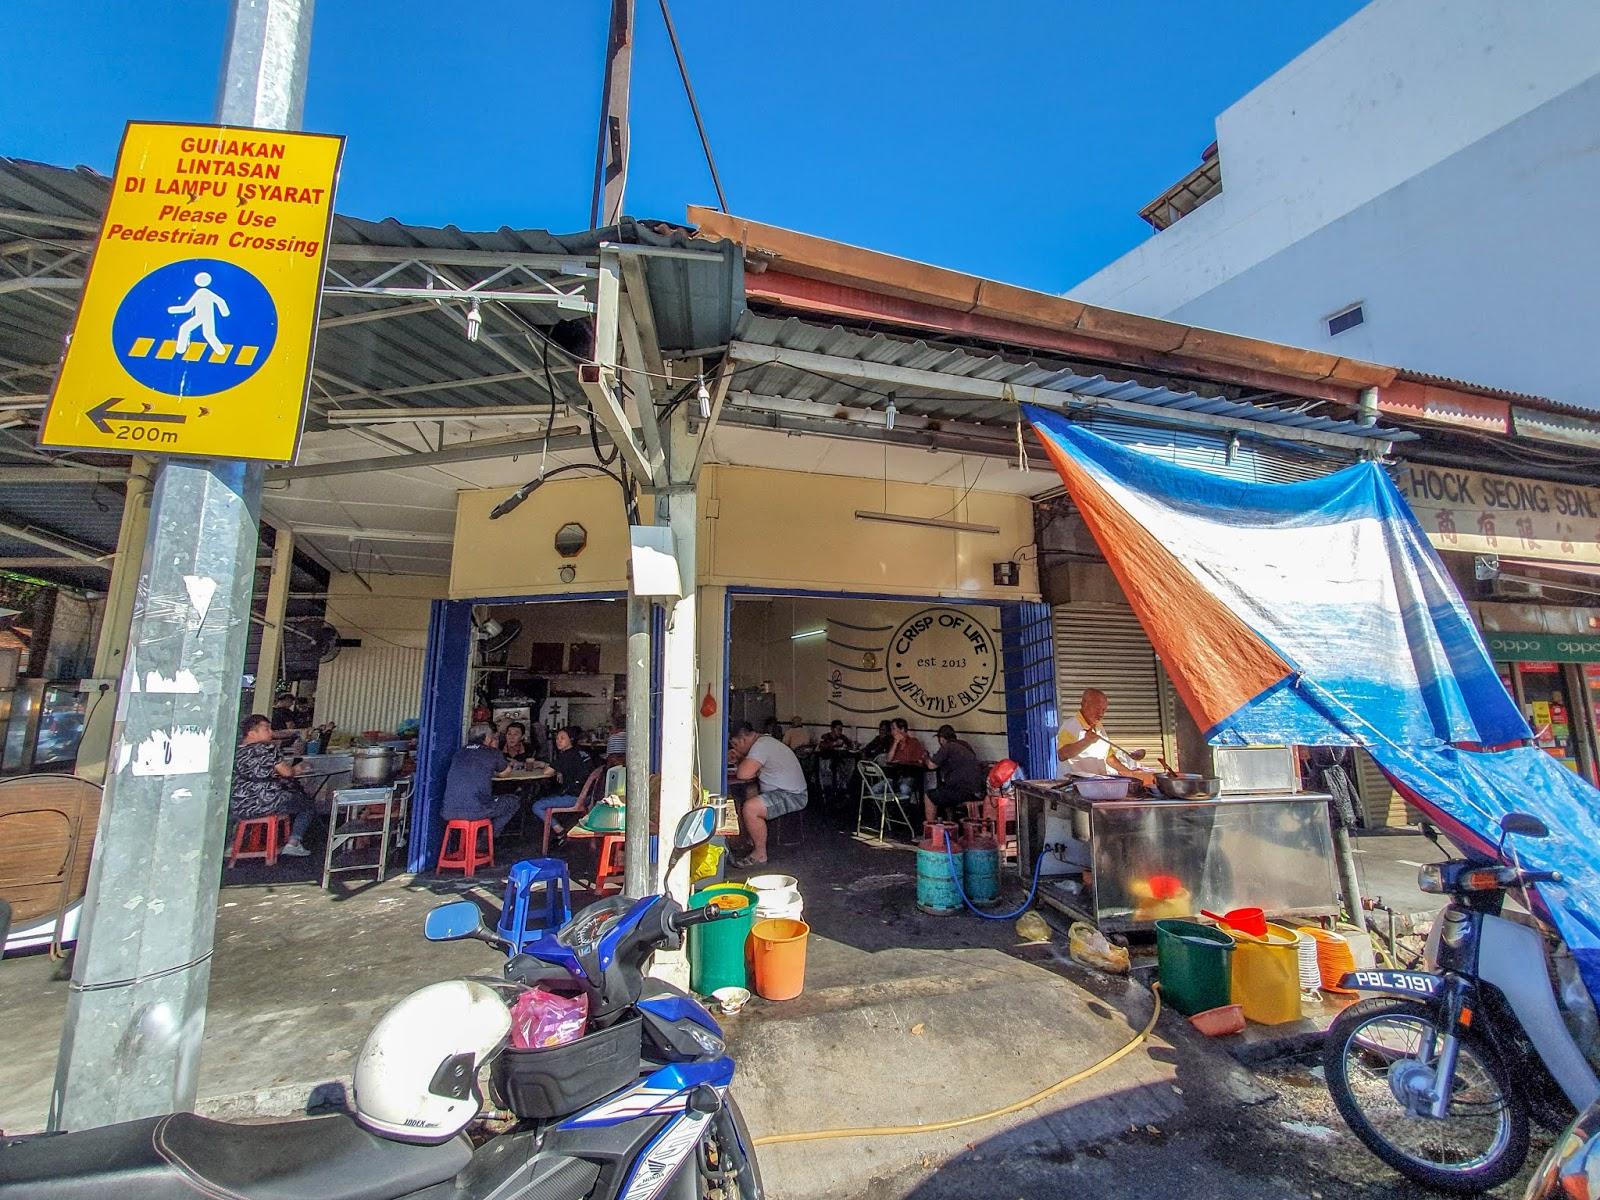 妖怪云吞面 Cheap Wantan Mee RM 3.60 Only And Top Up Wantan Soup RM 1 @ Weld Quay, Penang